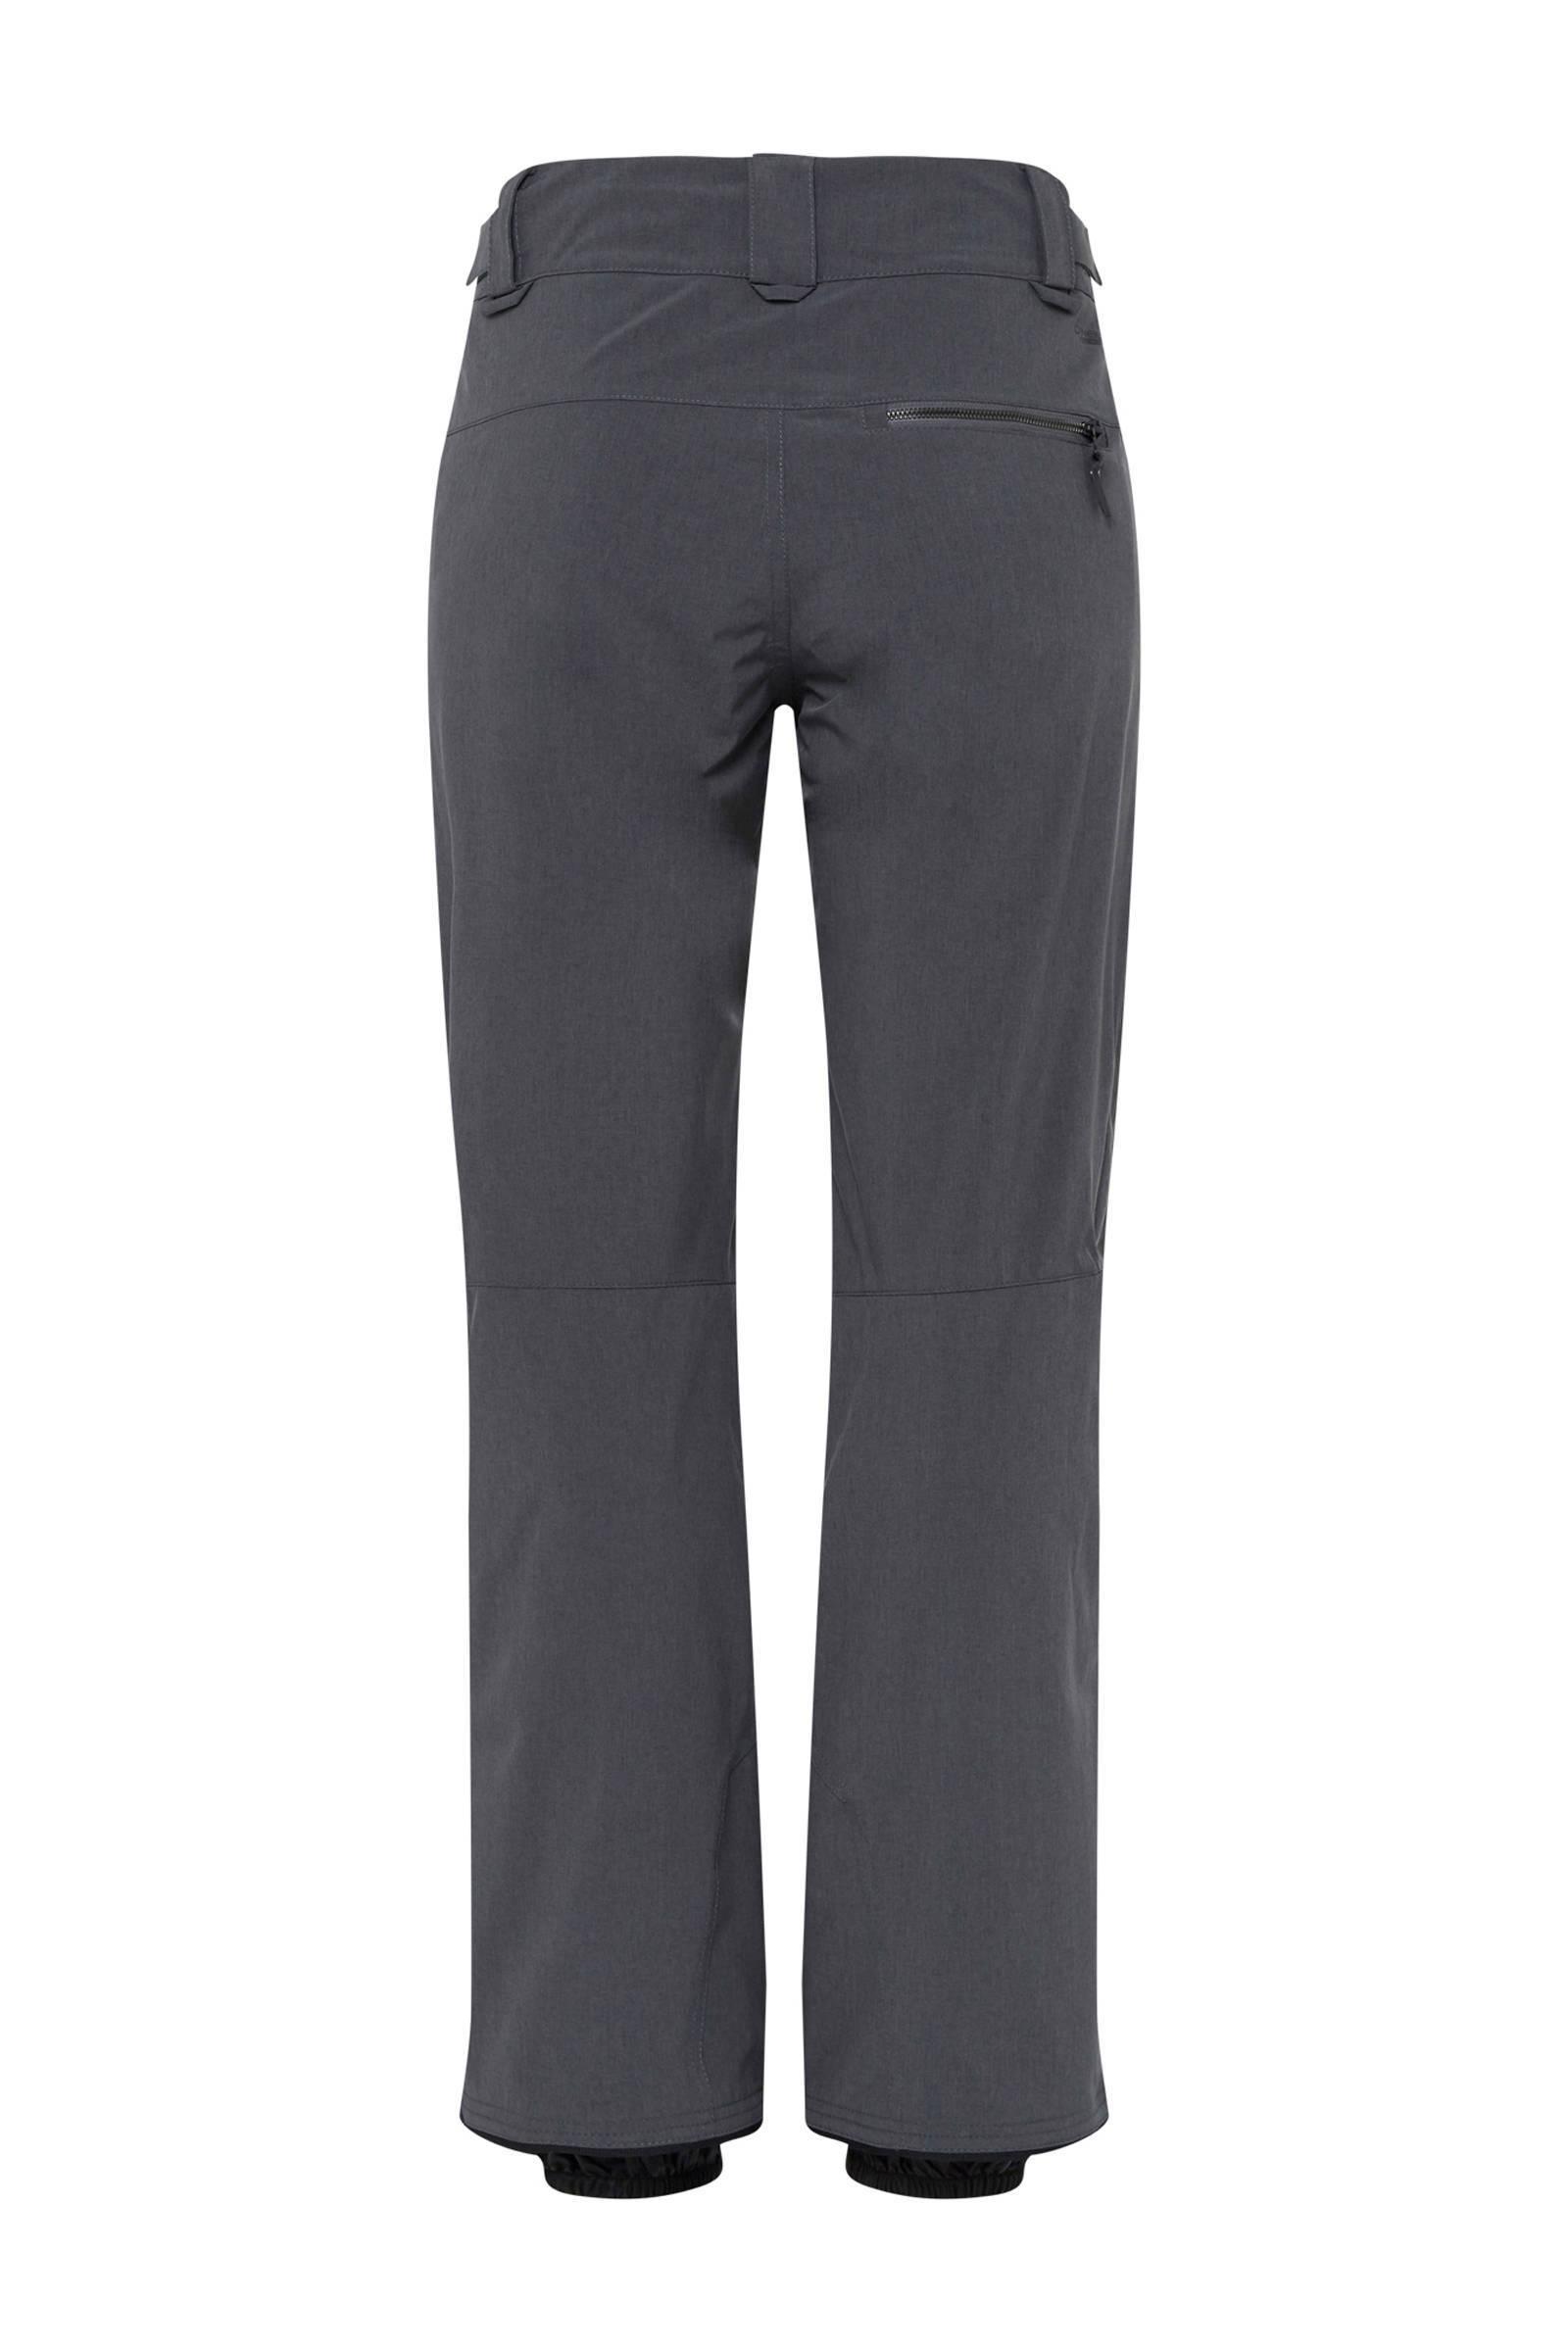 O'neill Sportswear Skibroek Quartzite Antraciet in het Grijs voor heren